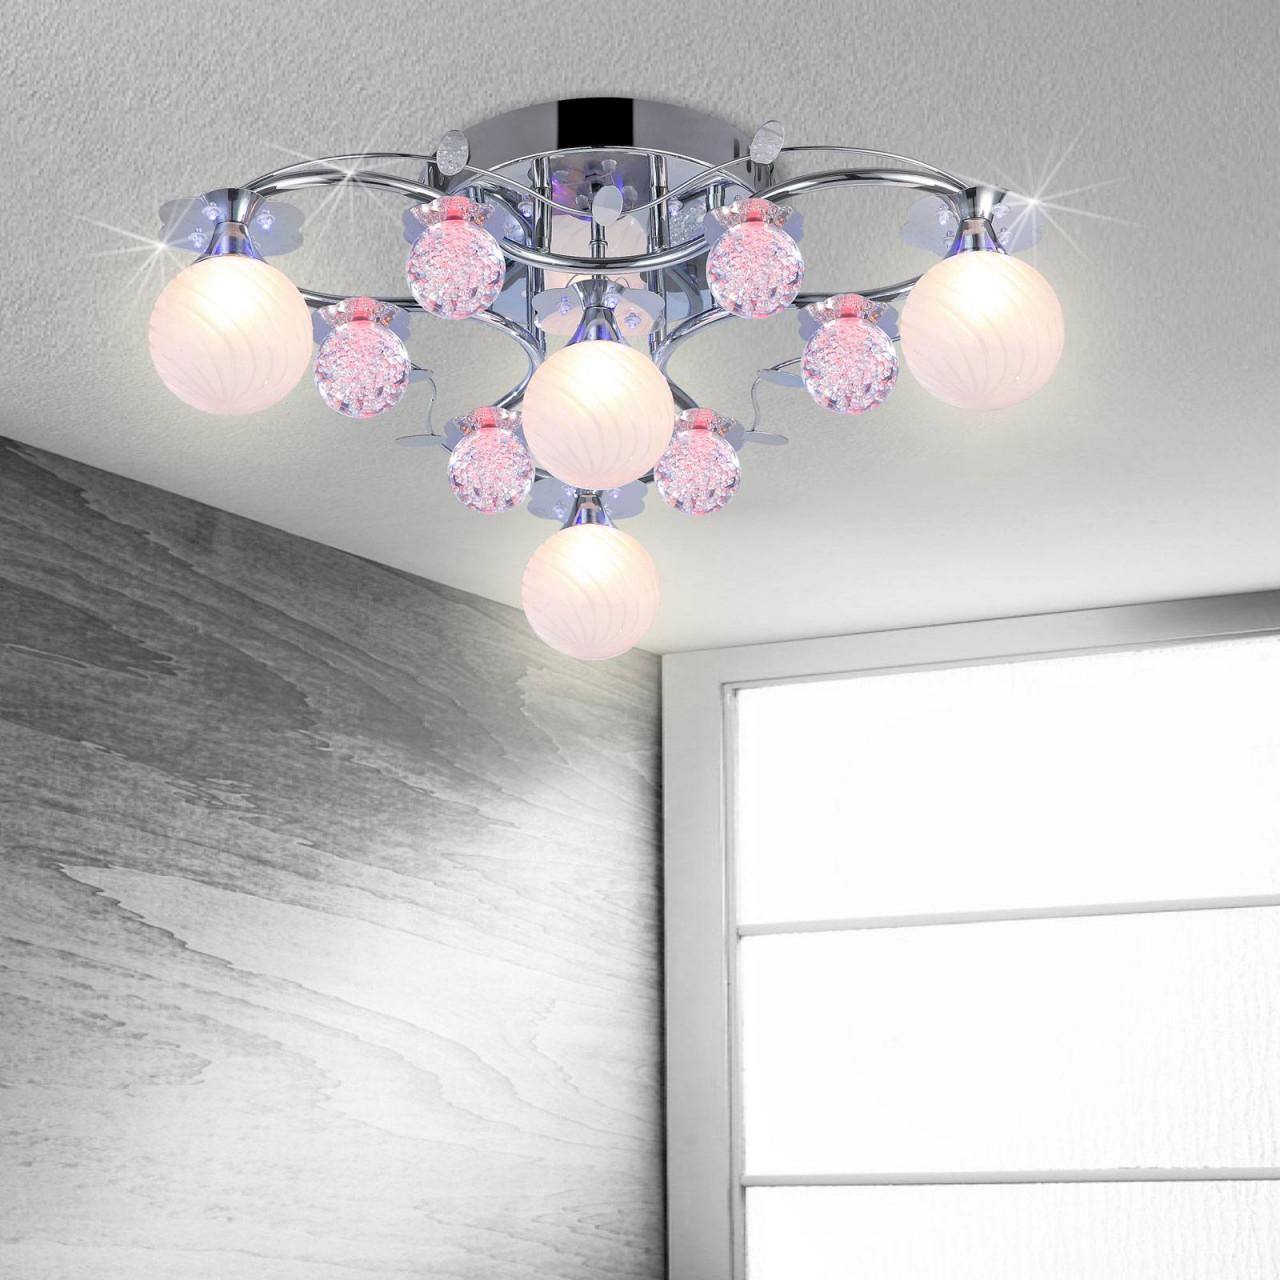 Led Deckenlampe Wohnzimmer Schlafzimmer Leuchte Farbwechsel 4 Flammig von Wohnzimmer Lampe Led Farbwechsel Bild